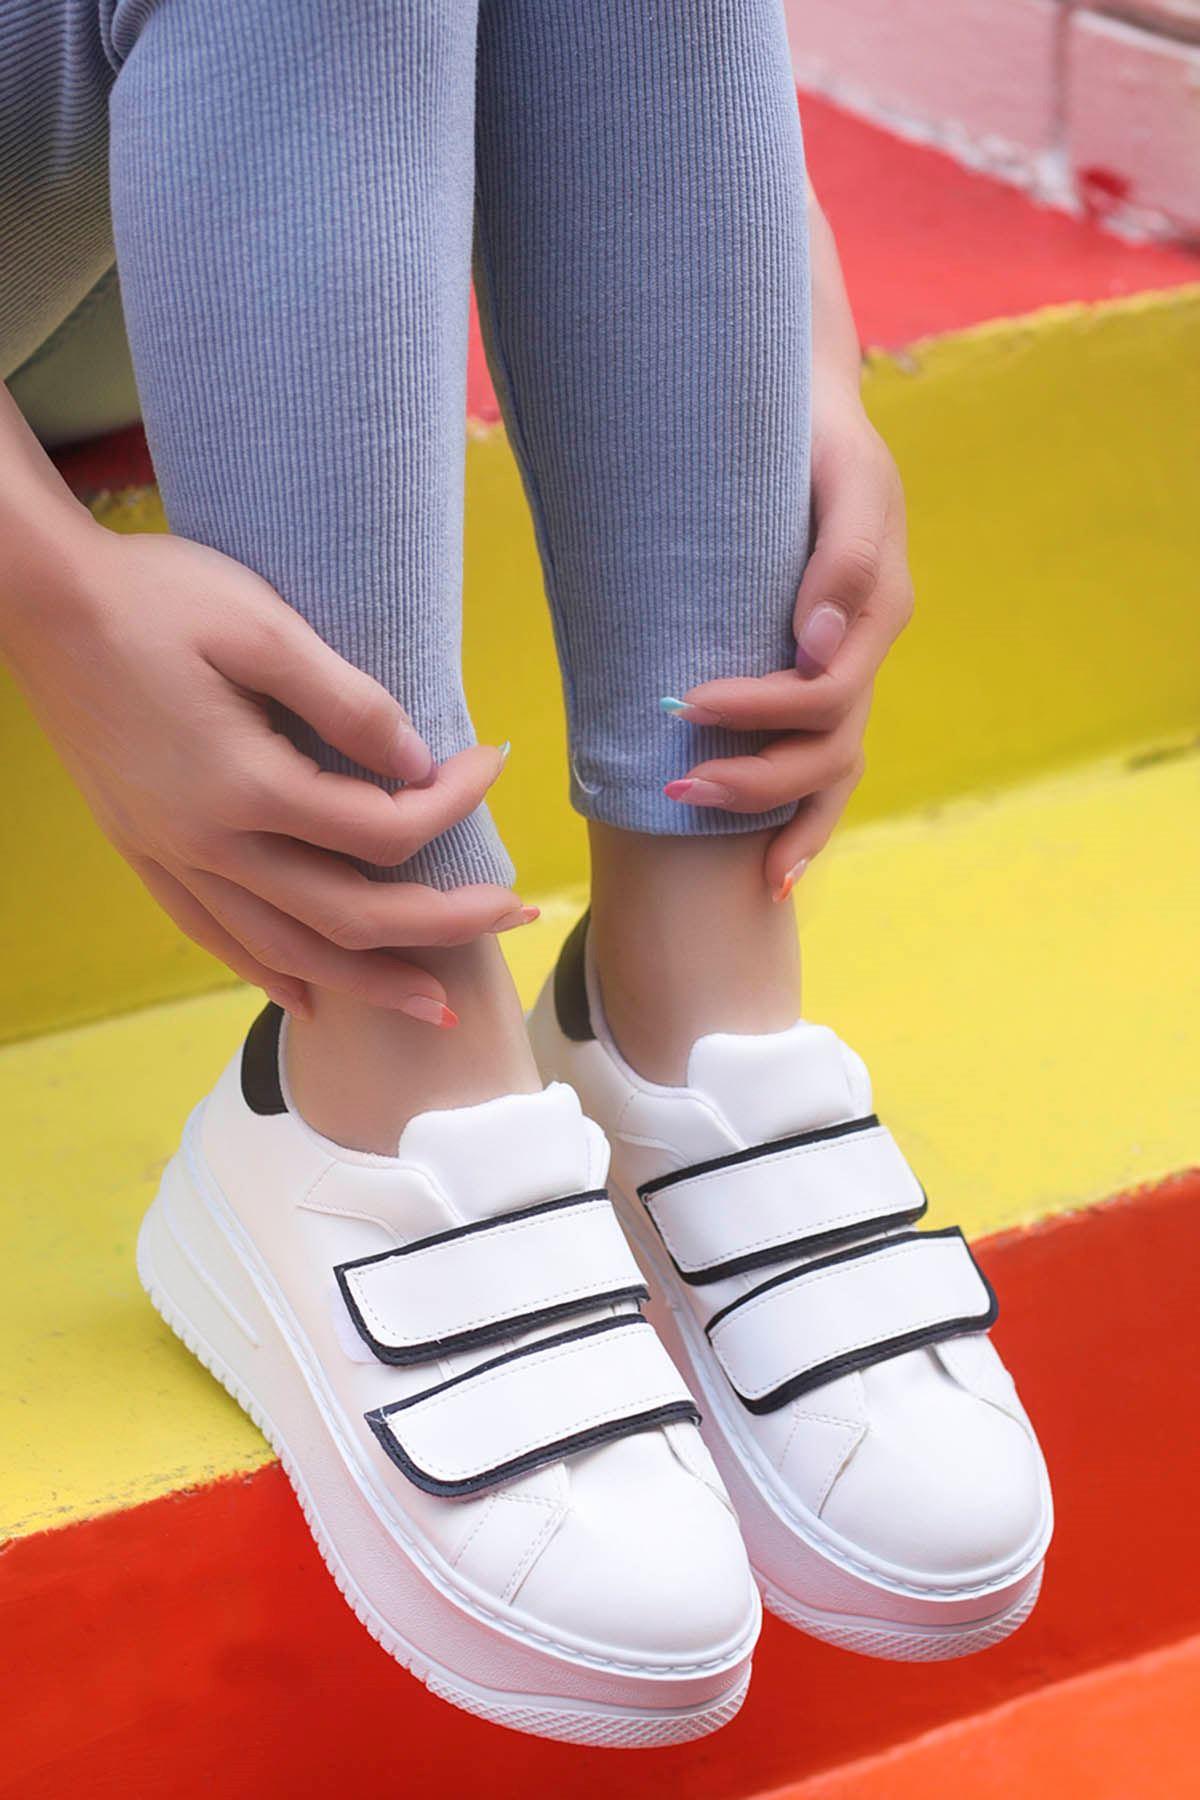 Mahaza Kalın Topuk Cırtlı Detay Spor Ayakkabı Beyaz Siyah Detay